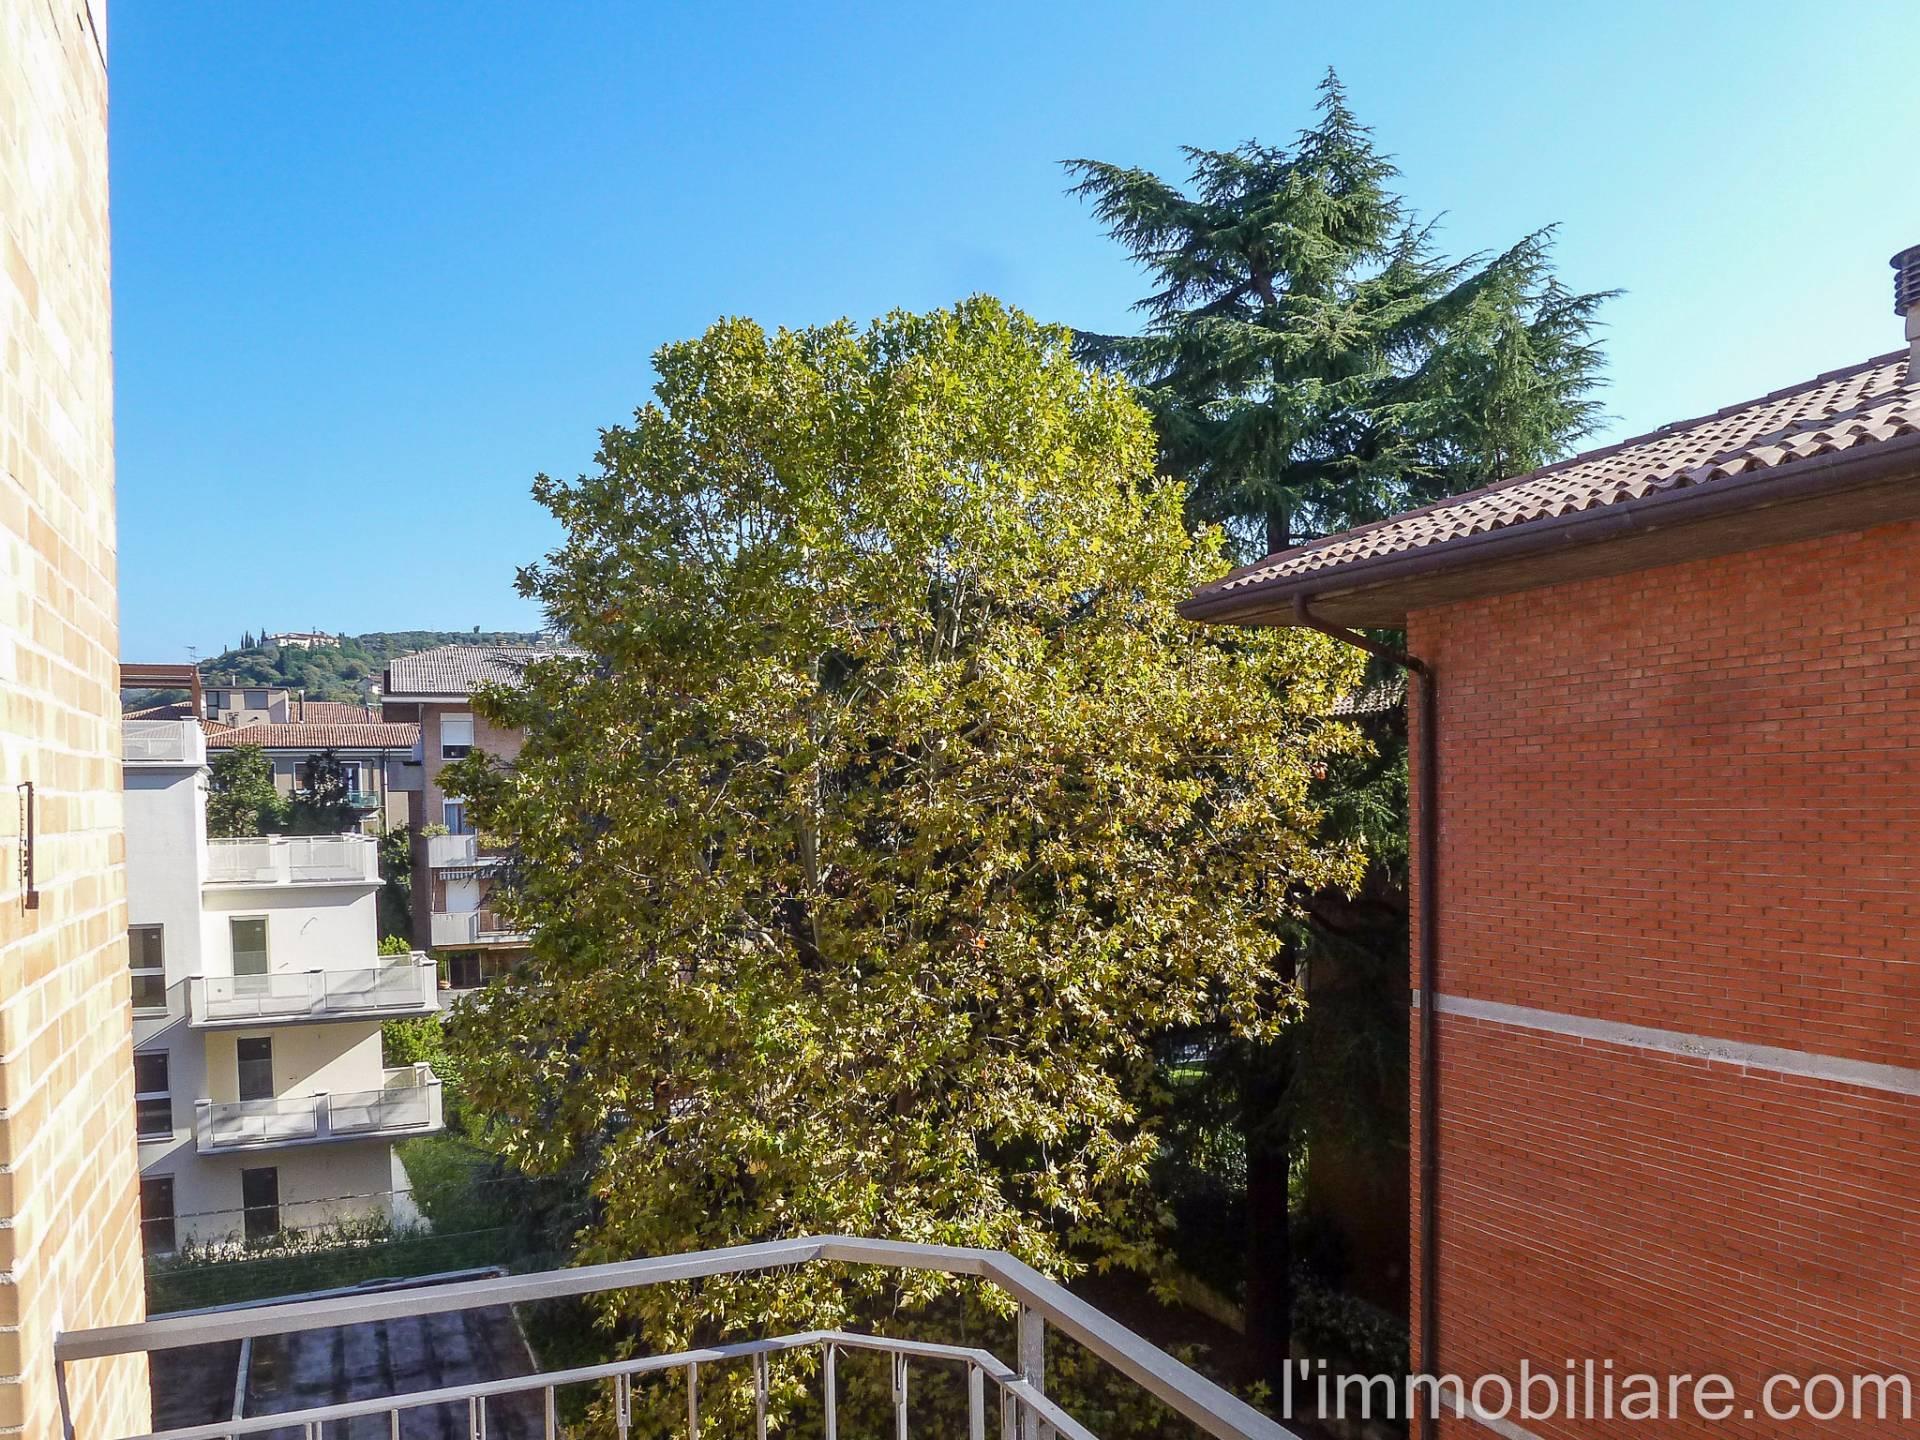 Appartamento in affitto a Verona, 5 locali, zona Zona: 5 . Quinzano - Pindemonte - Ponte Crencano - Valdonega - Avesa , prezzo € 550 | Cambio Casa.it